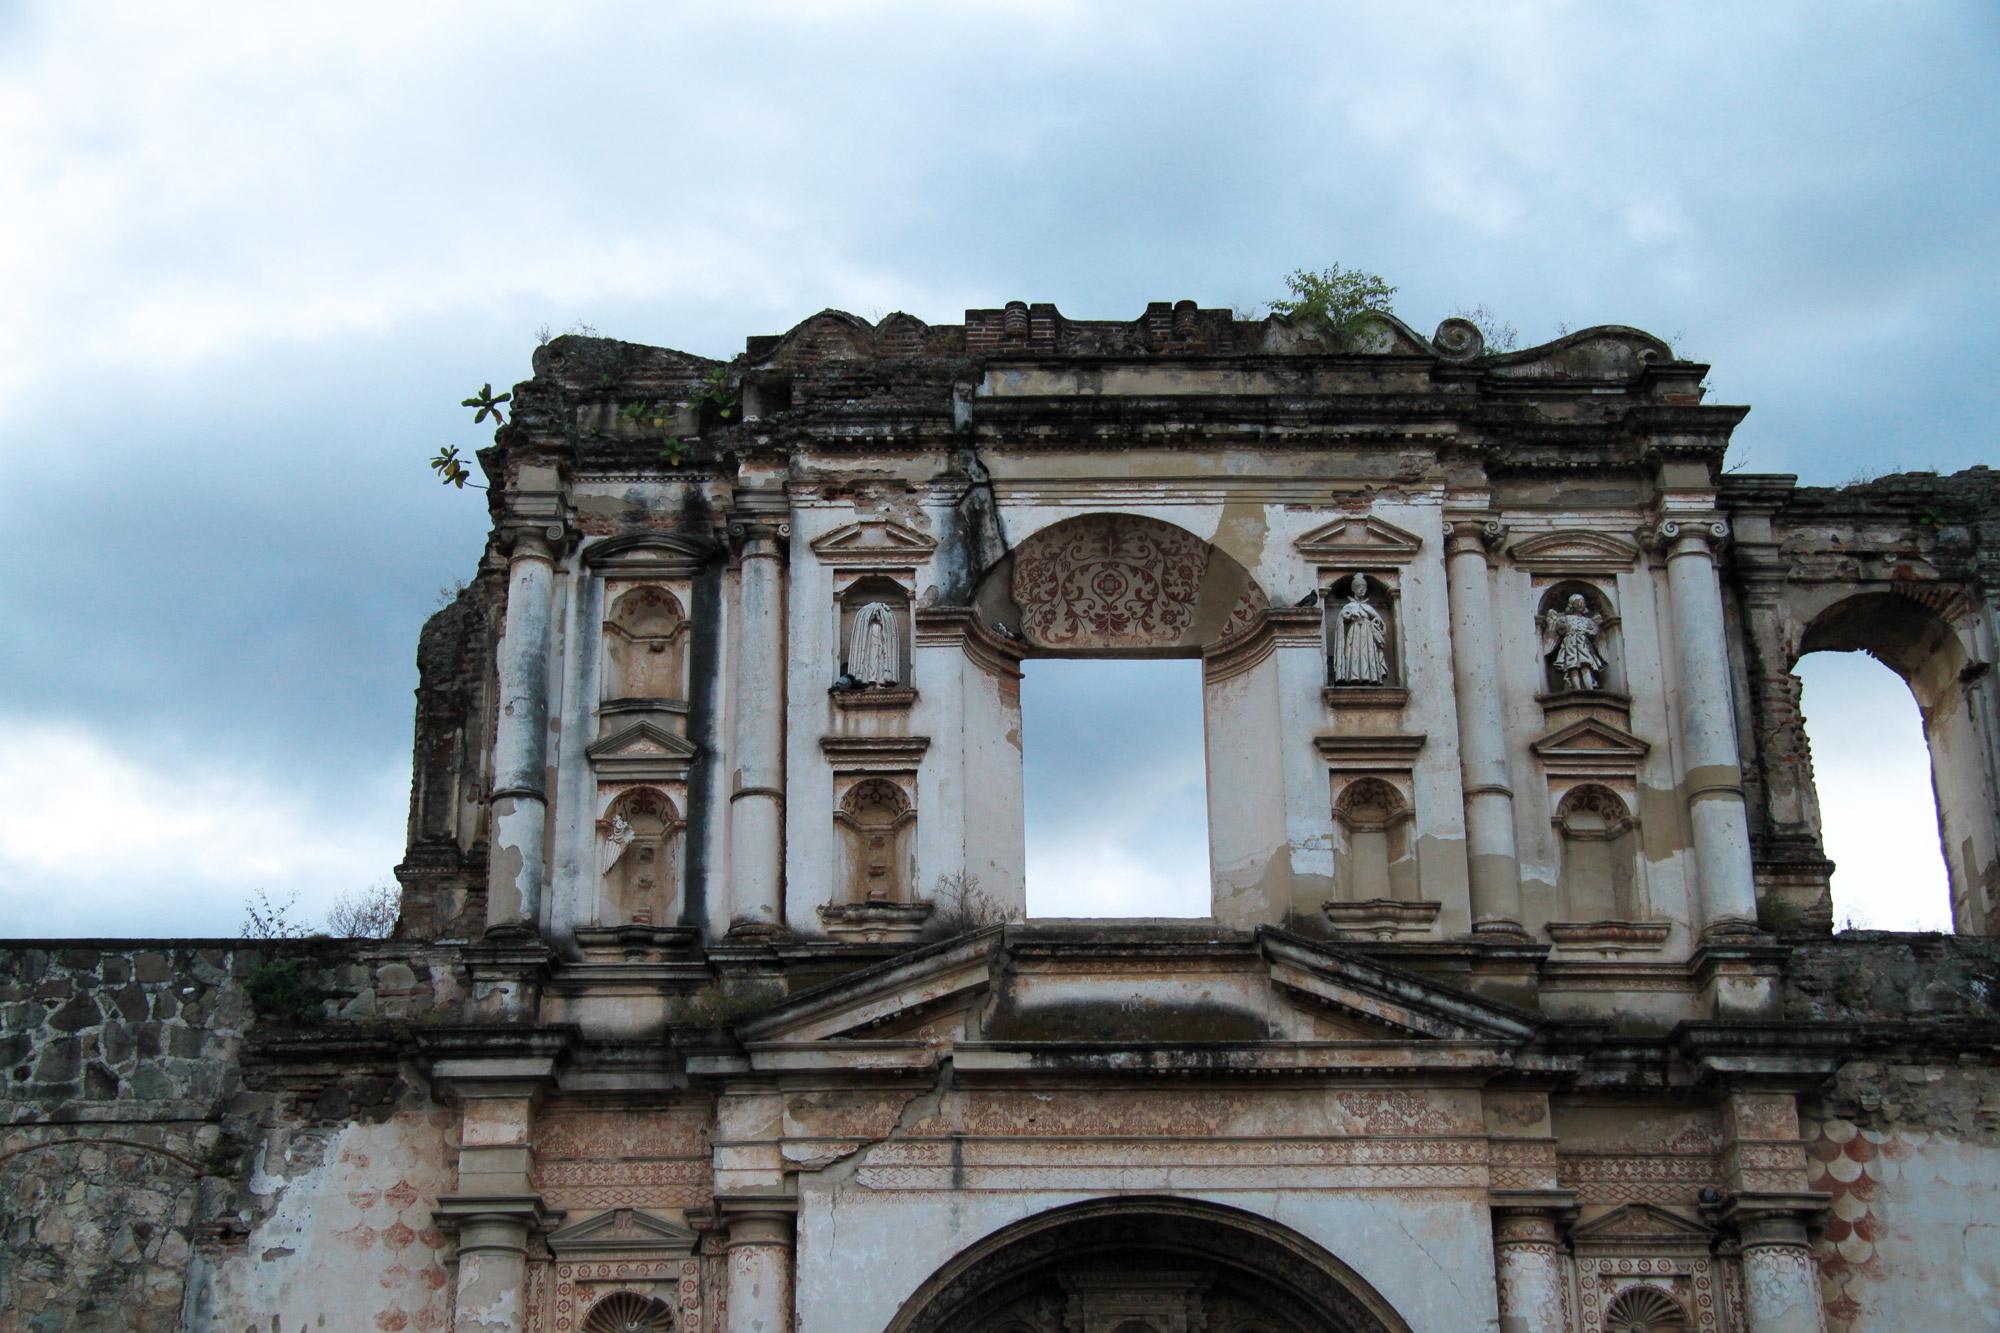 De ruïnes van Antigua - Iglesia de la Compañia de Jesús